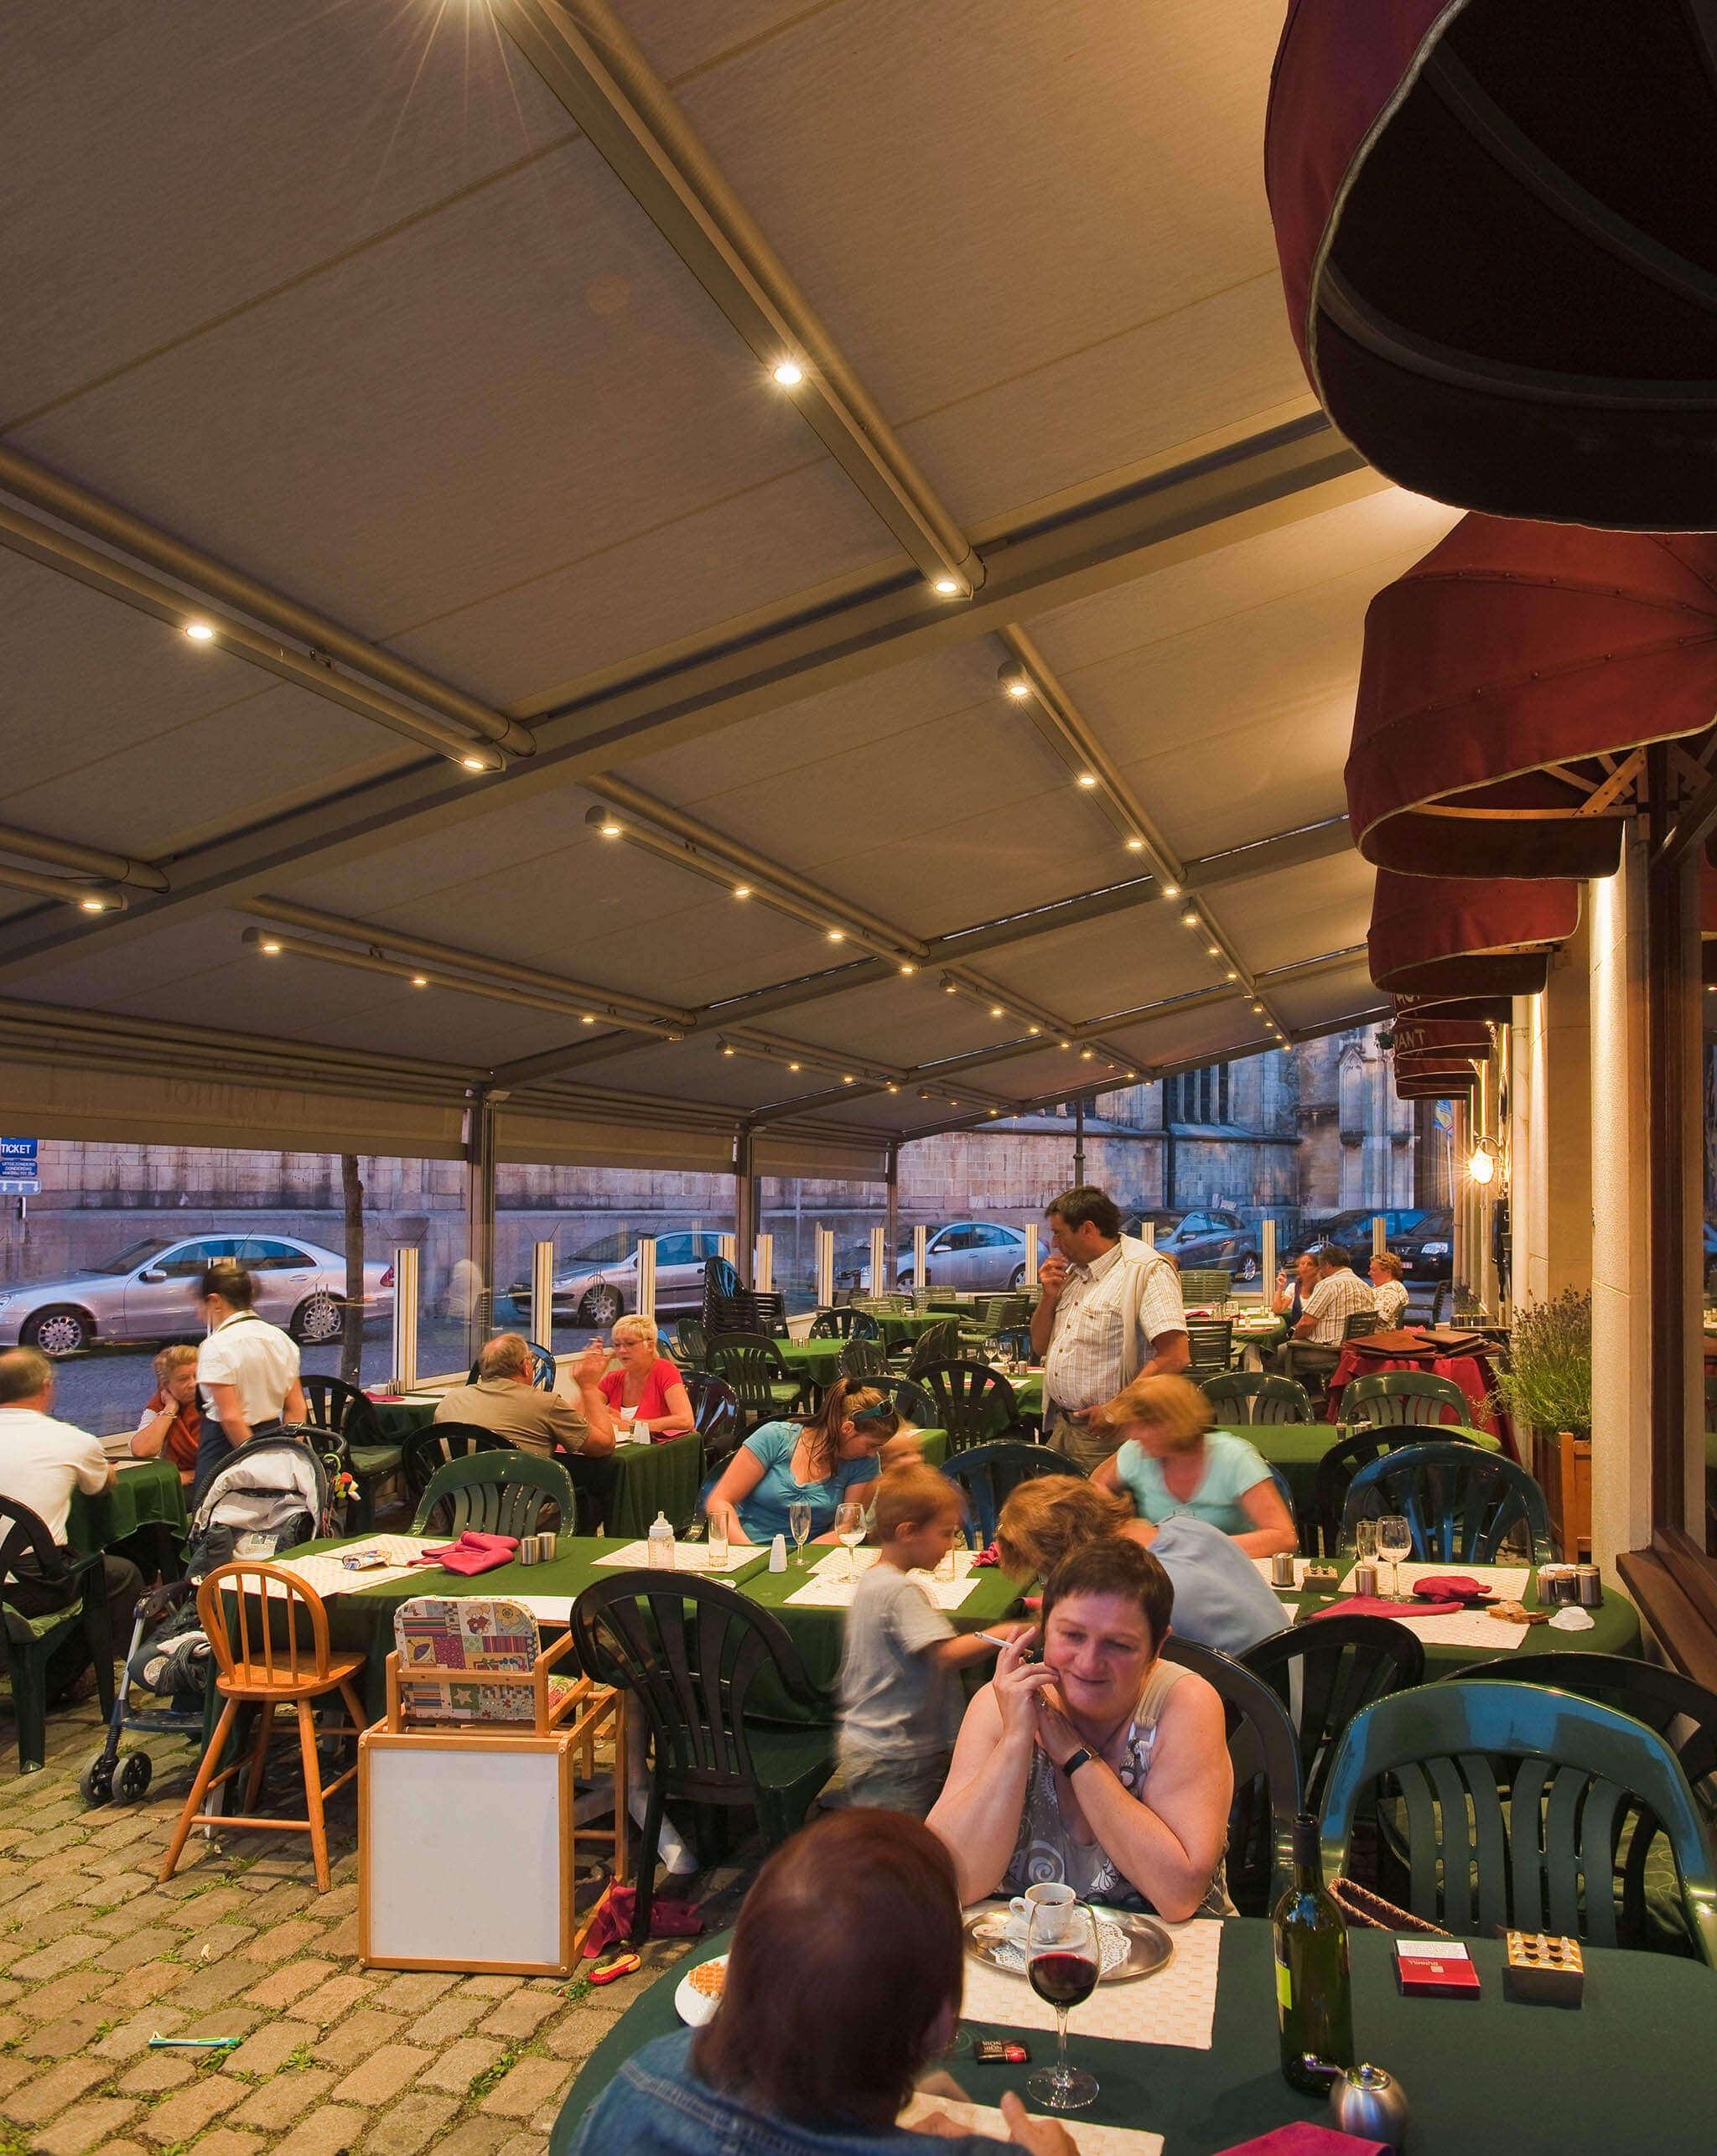 Pergola-Überdachung mit Beleuchtung am Tuch über dem Außenbereich eines Restaurants oder Bistros angebracht